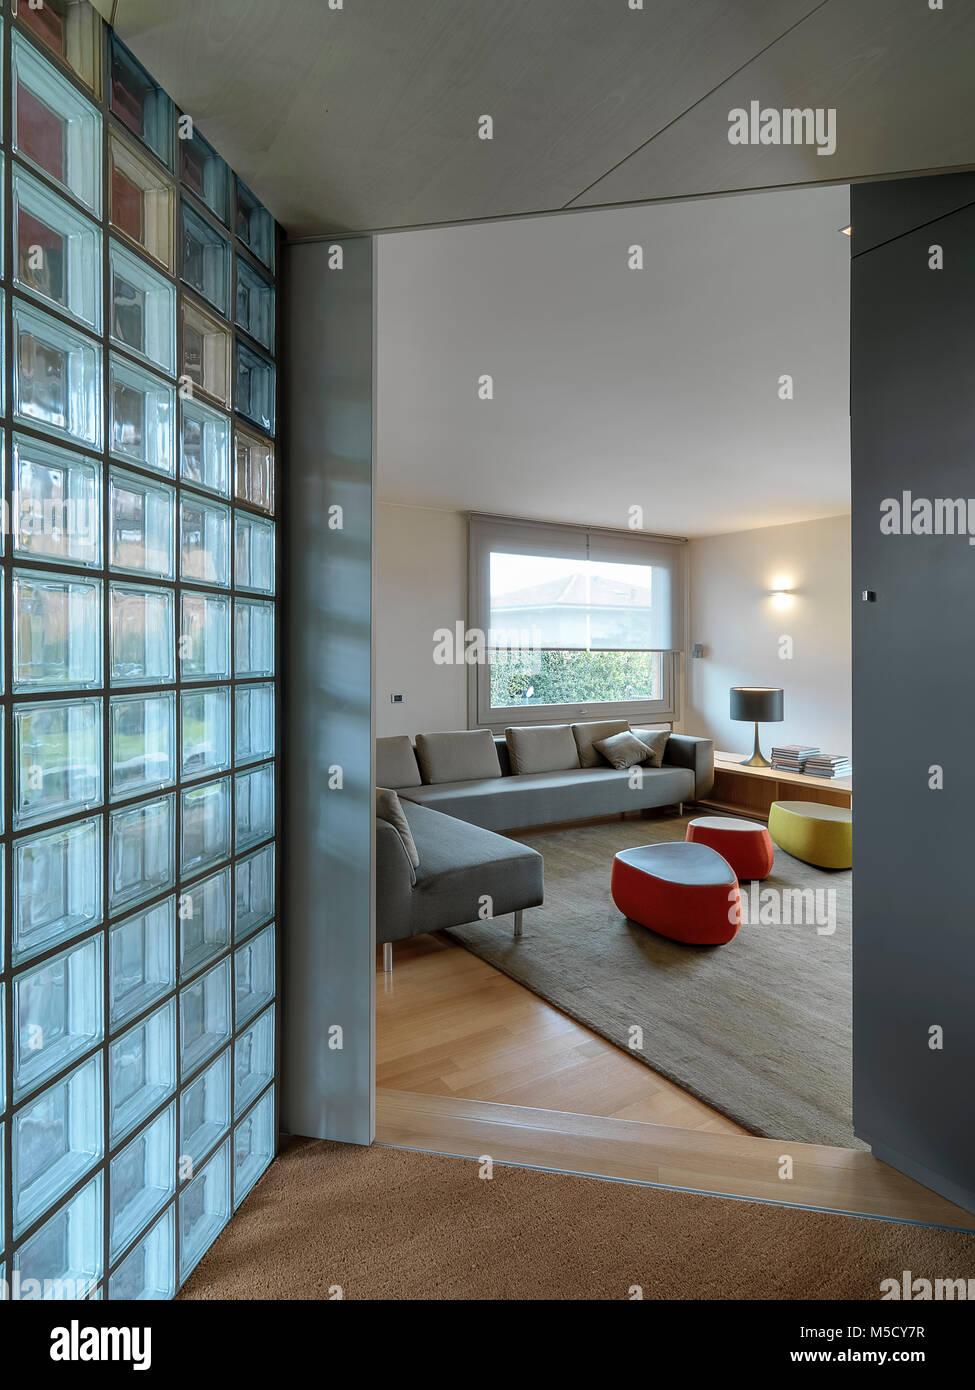 Scatti di interni di un soggiorno moderno con pavimento in legno e ...